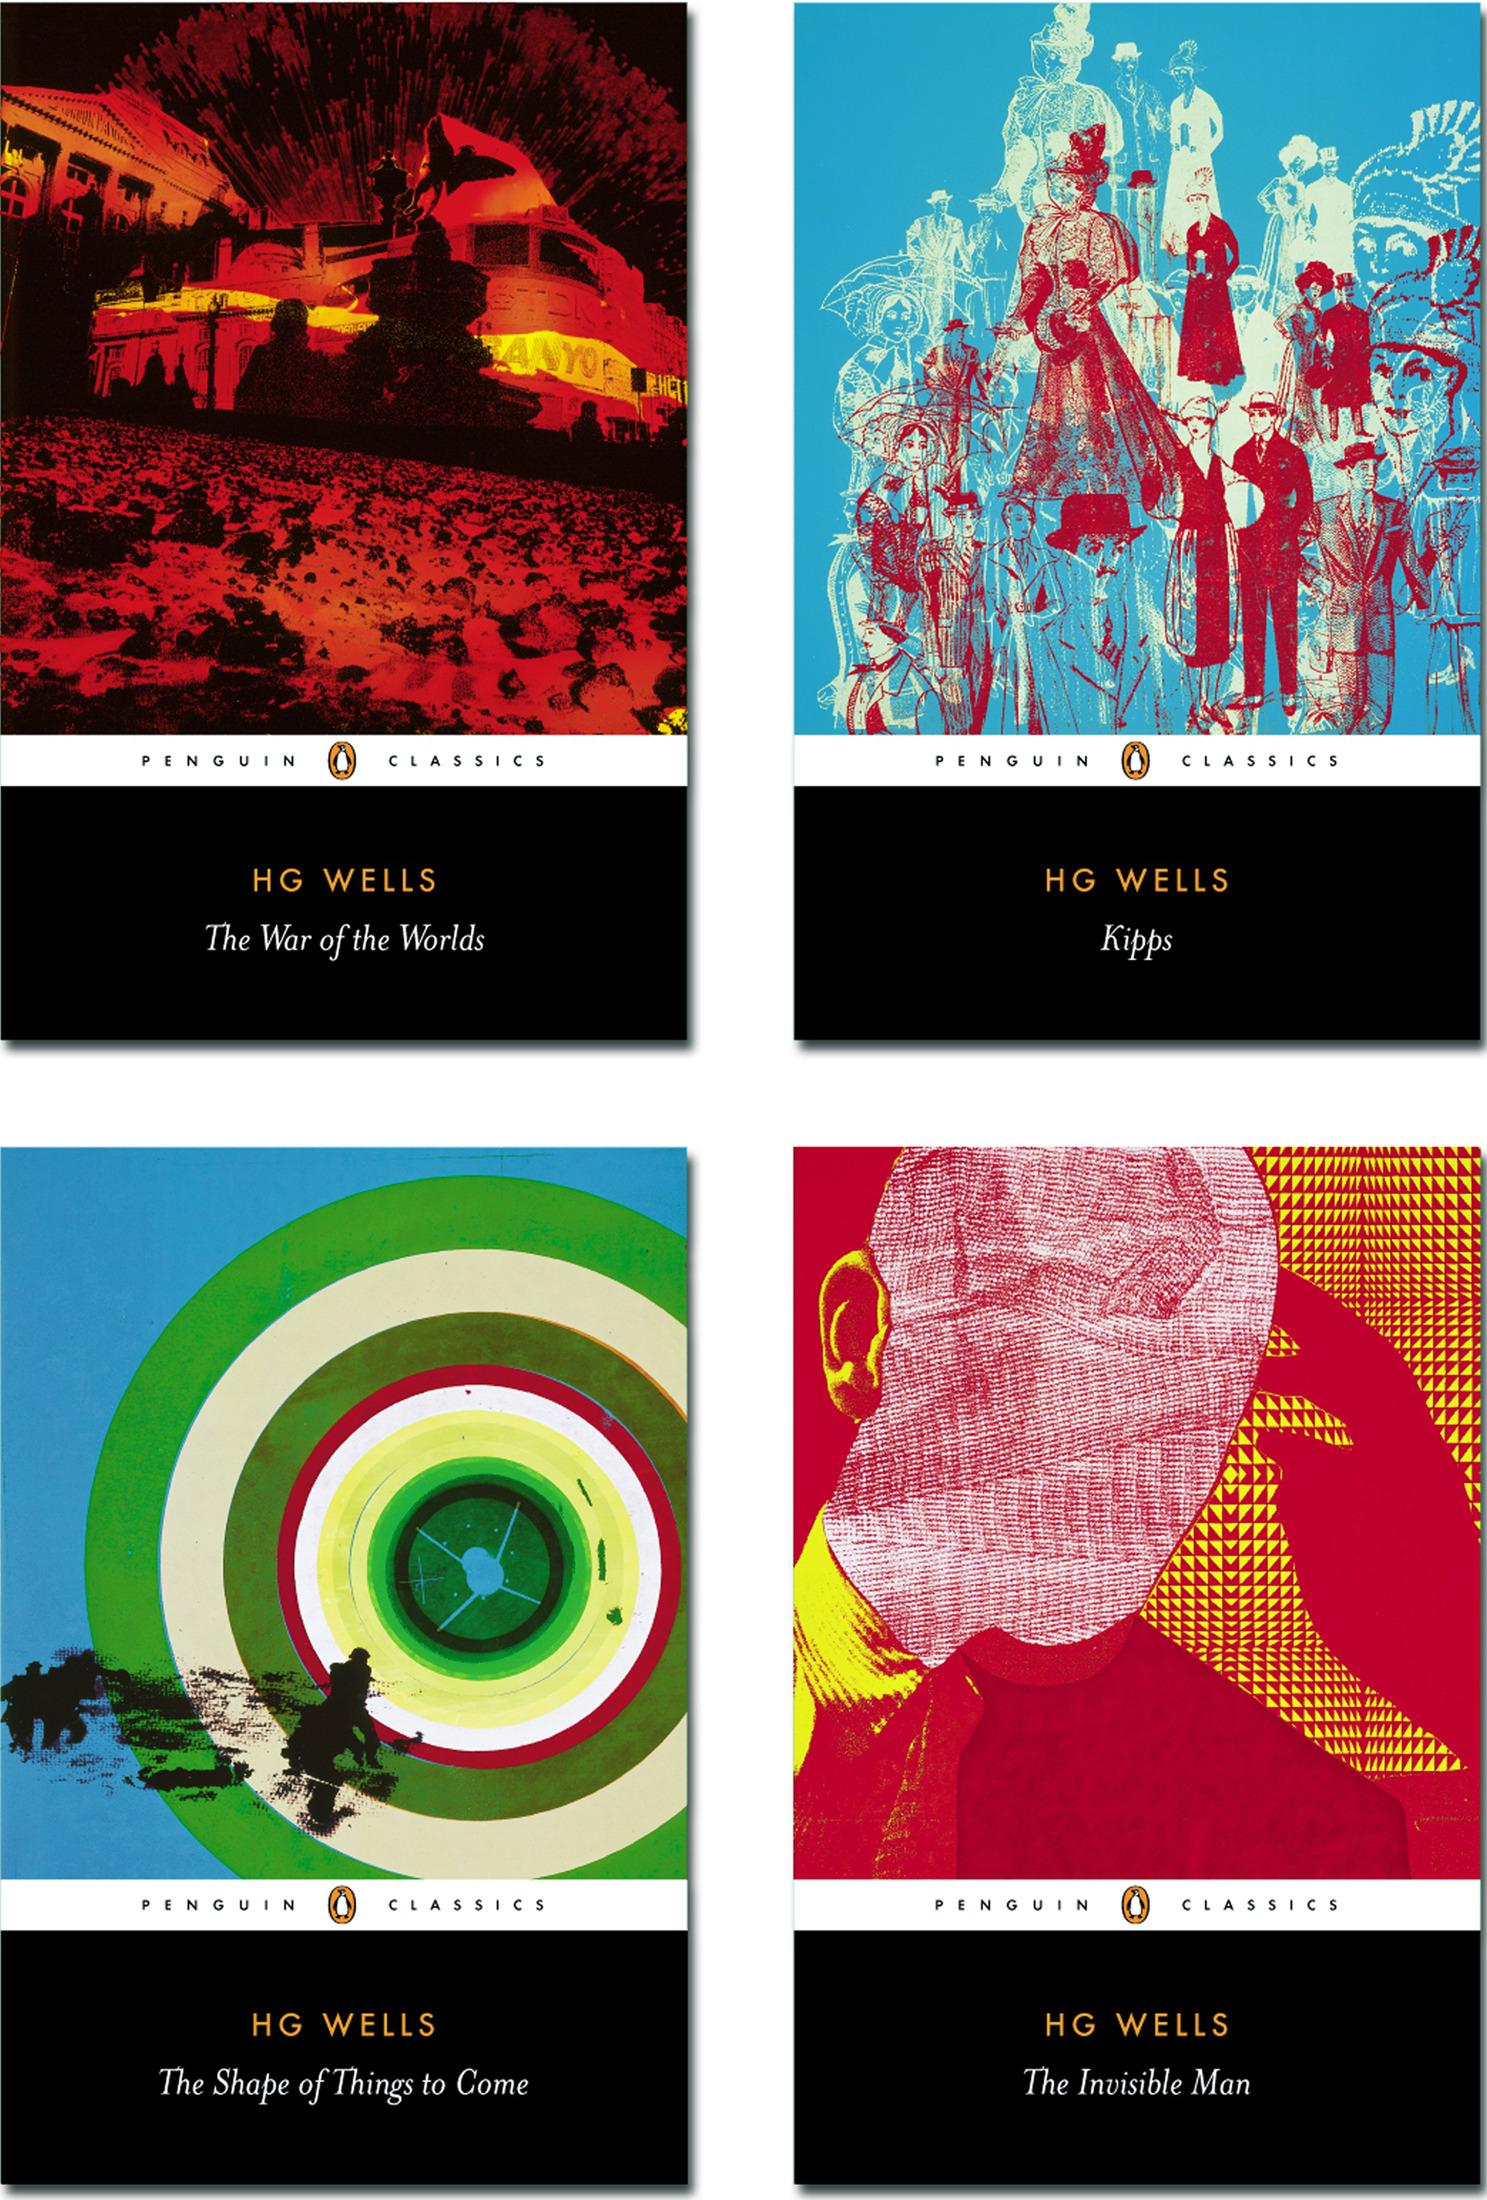 Penguin Book Cover Artists : Penguin classics h g wells big active